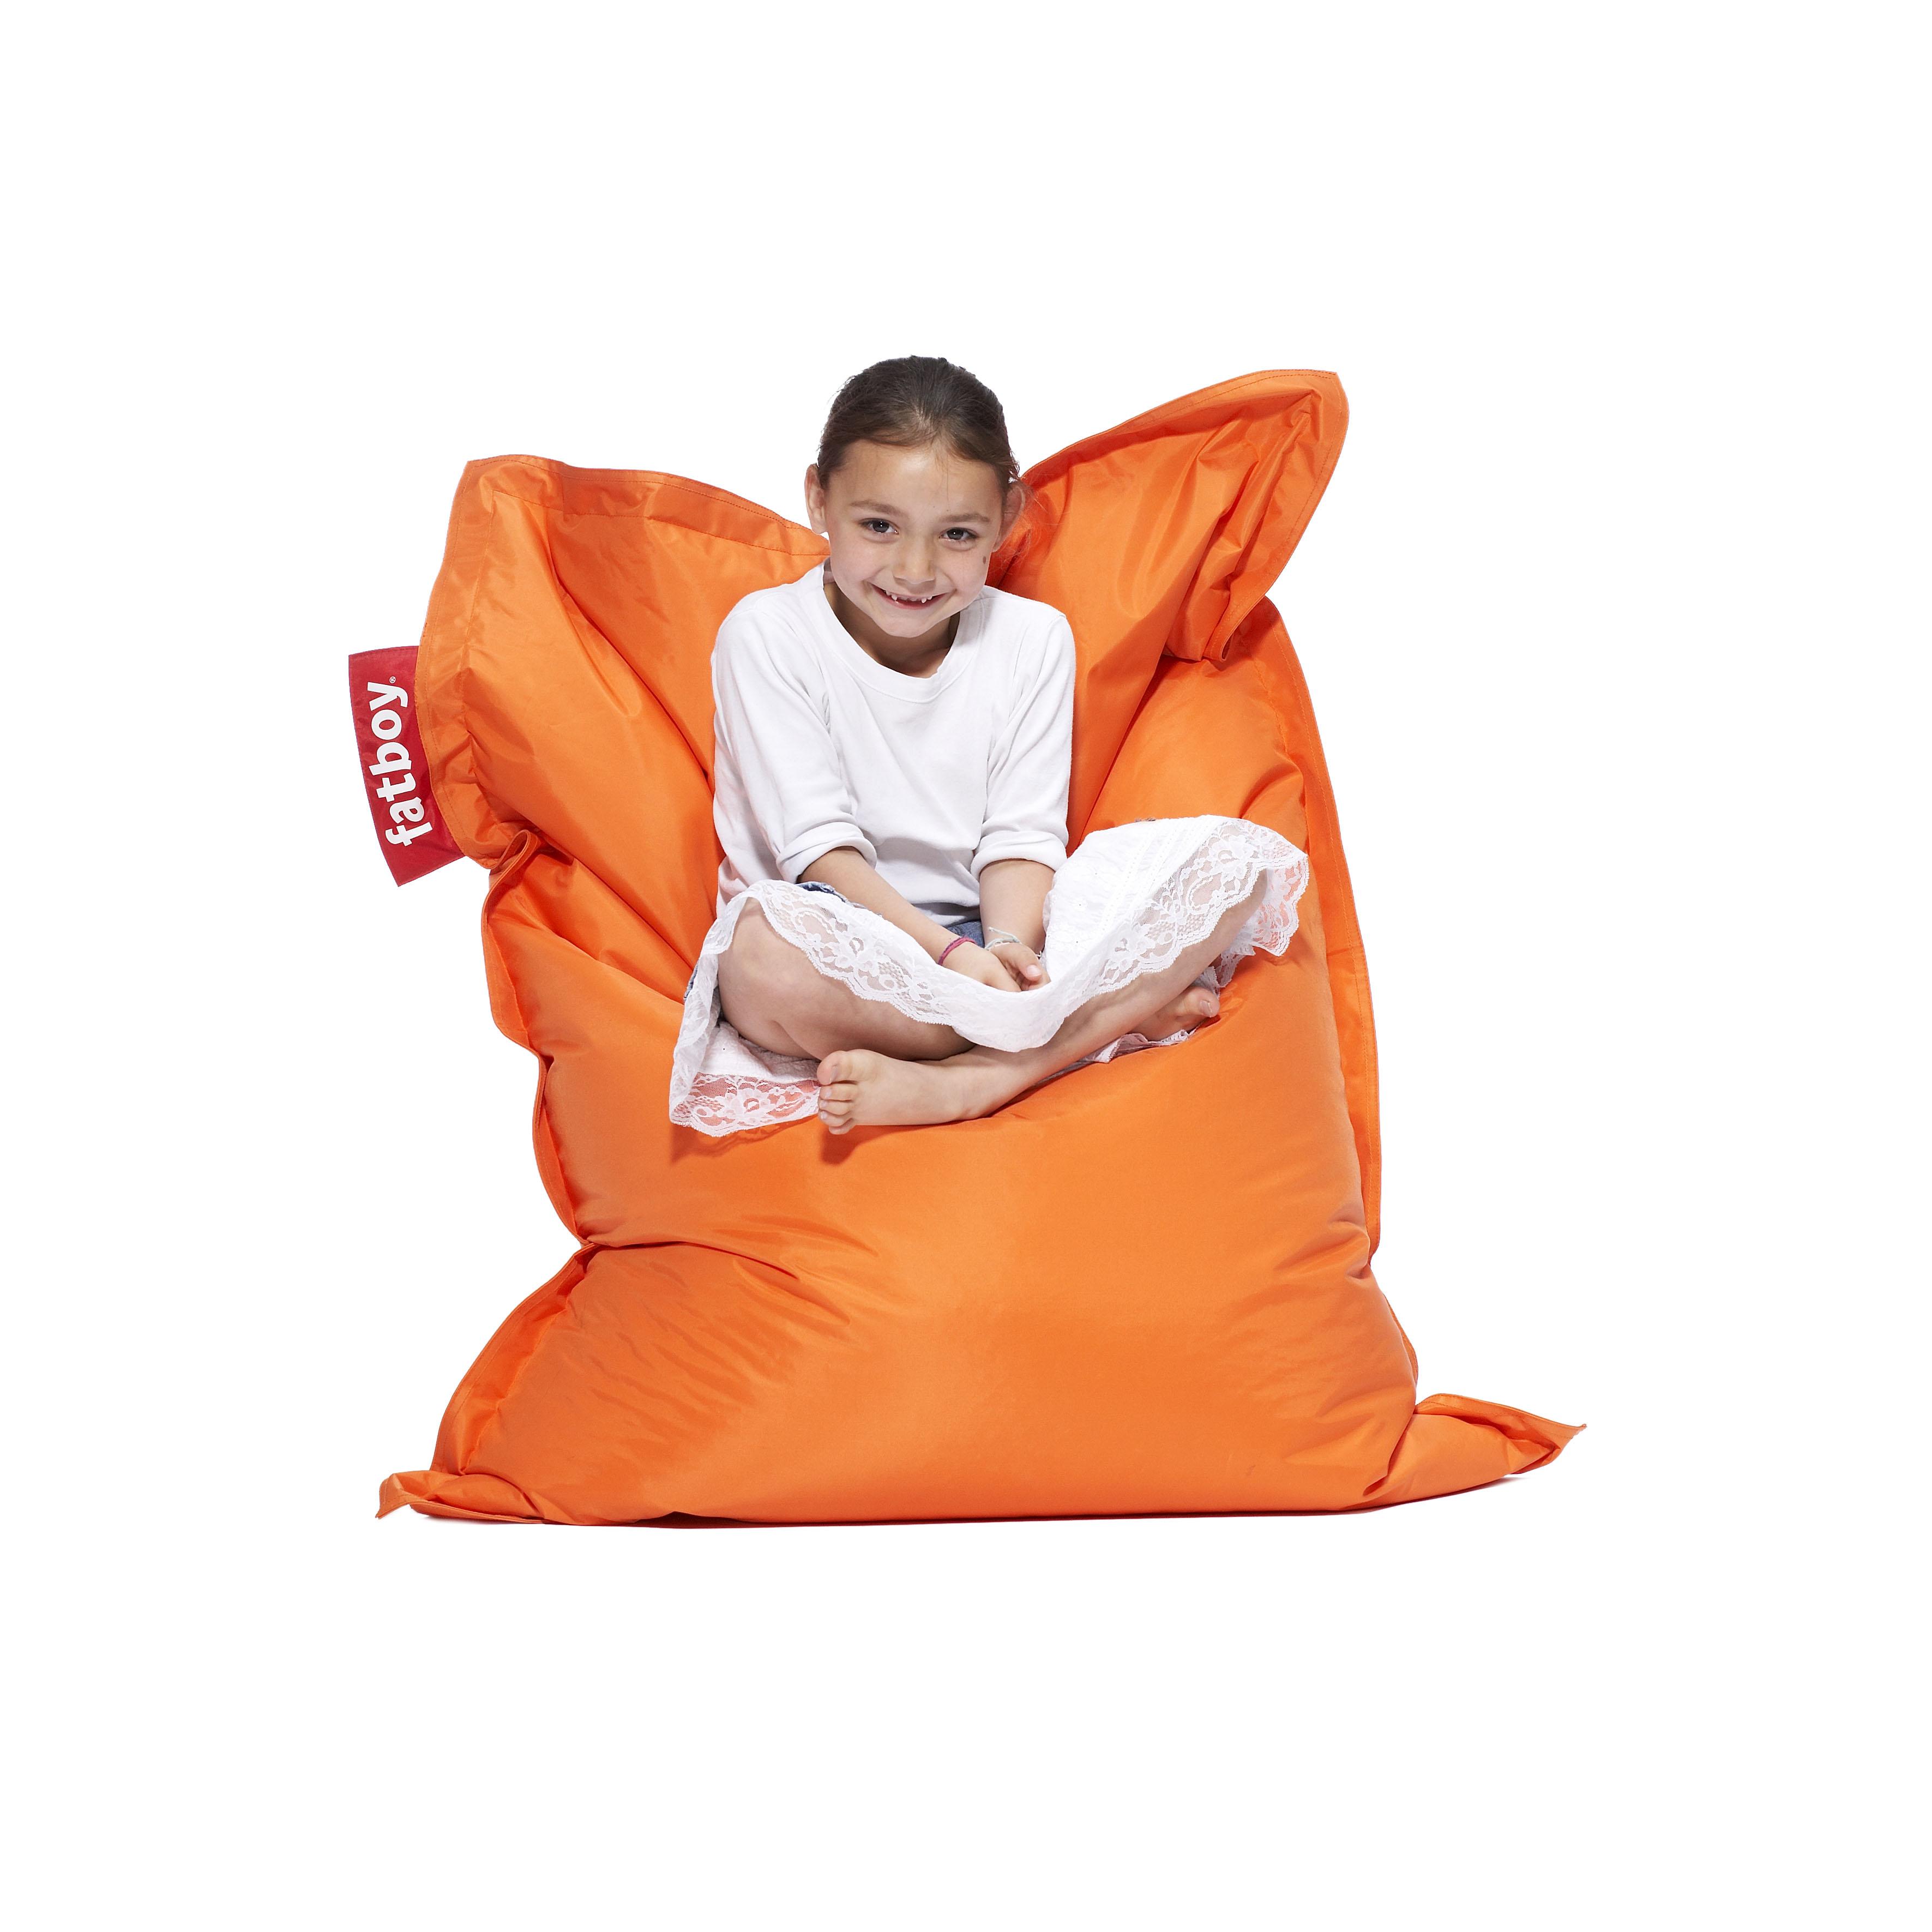 fatboy junior orange. Black Bedroom Furniture Sets. Home Design Ideas